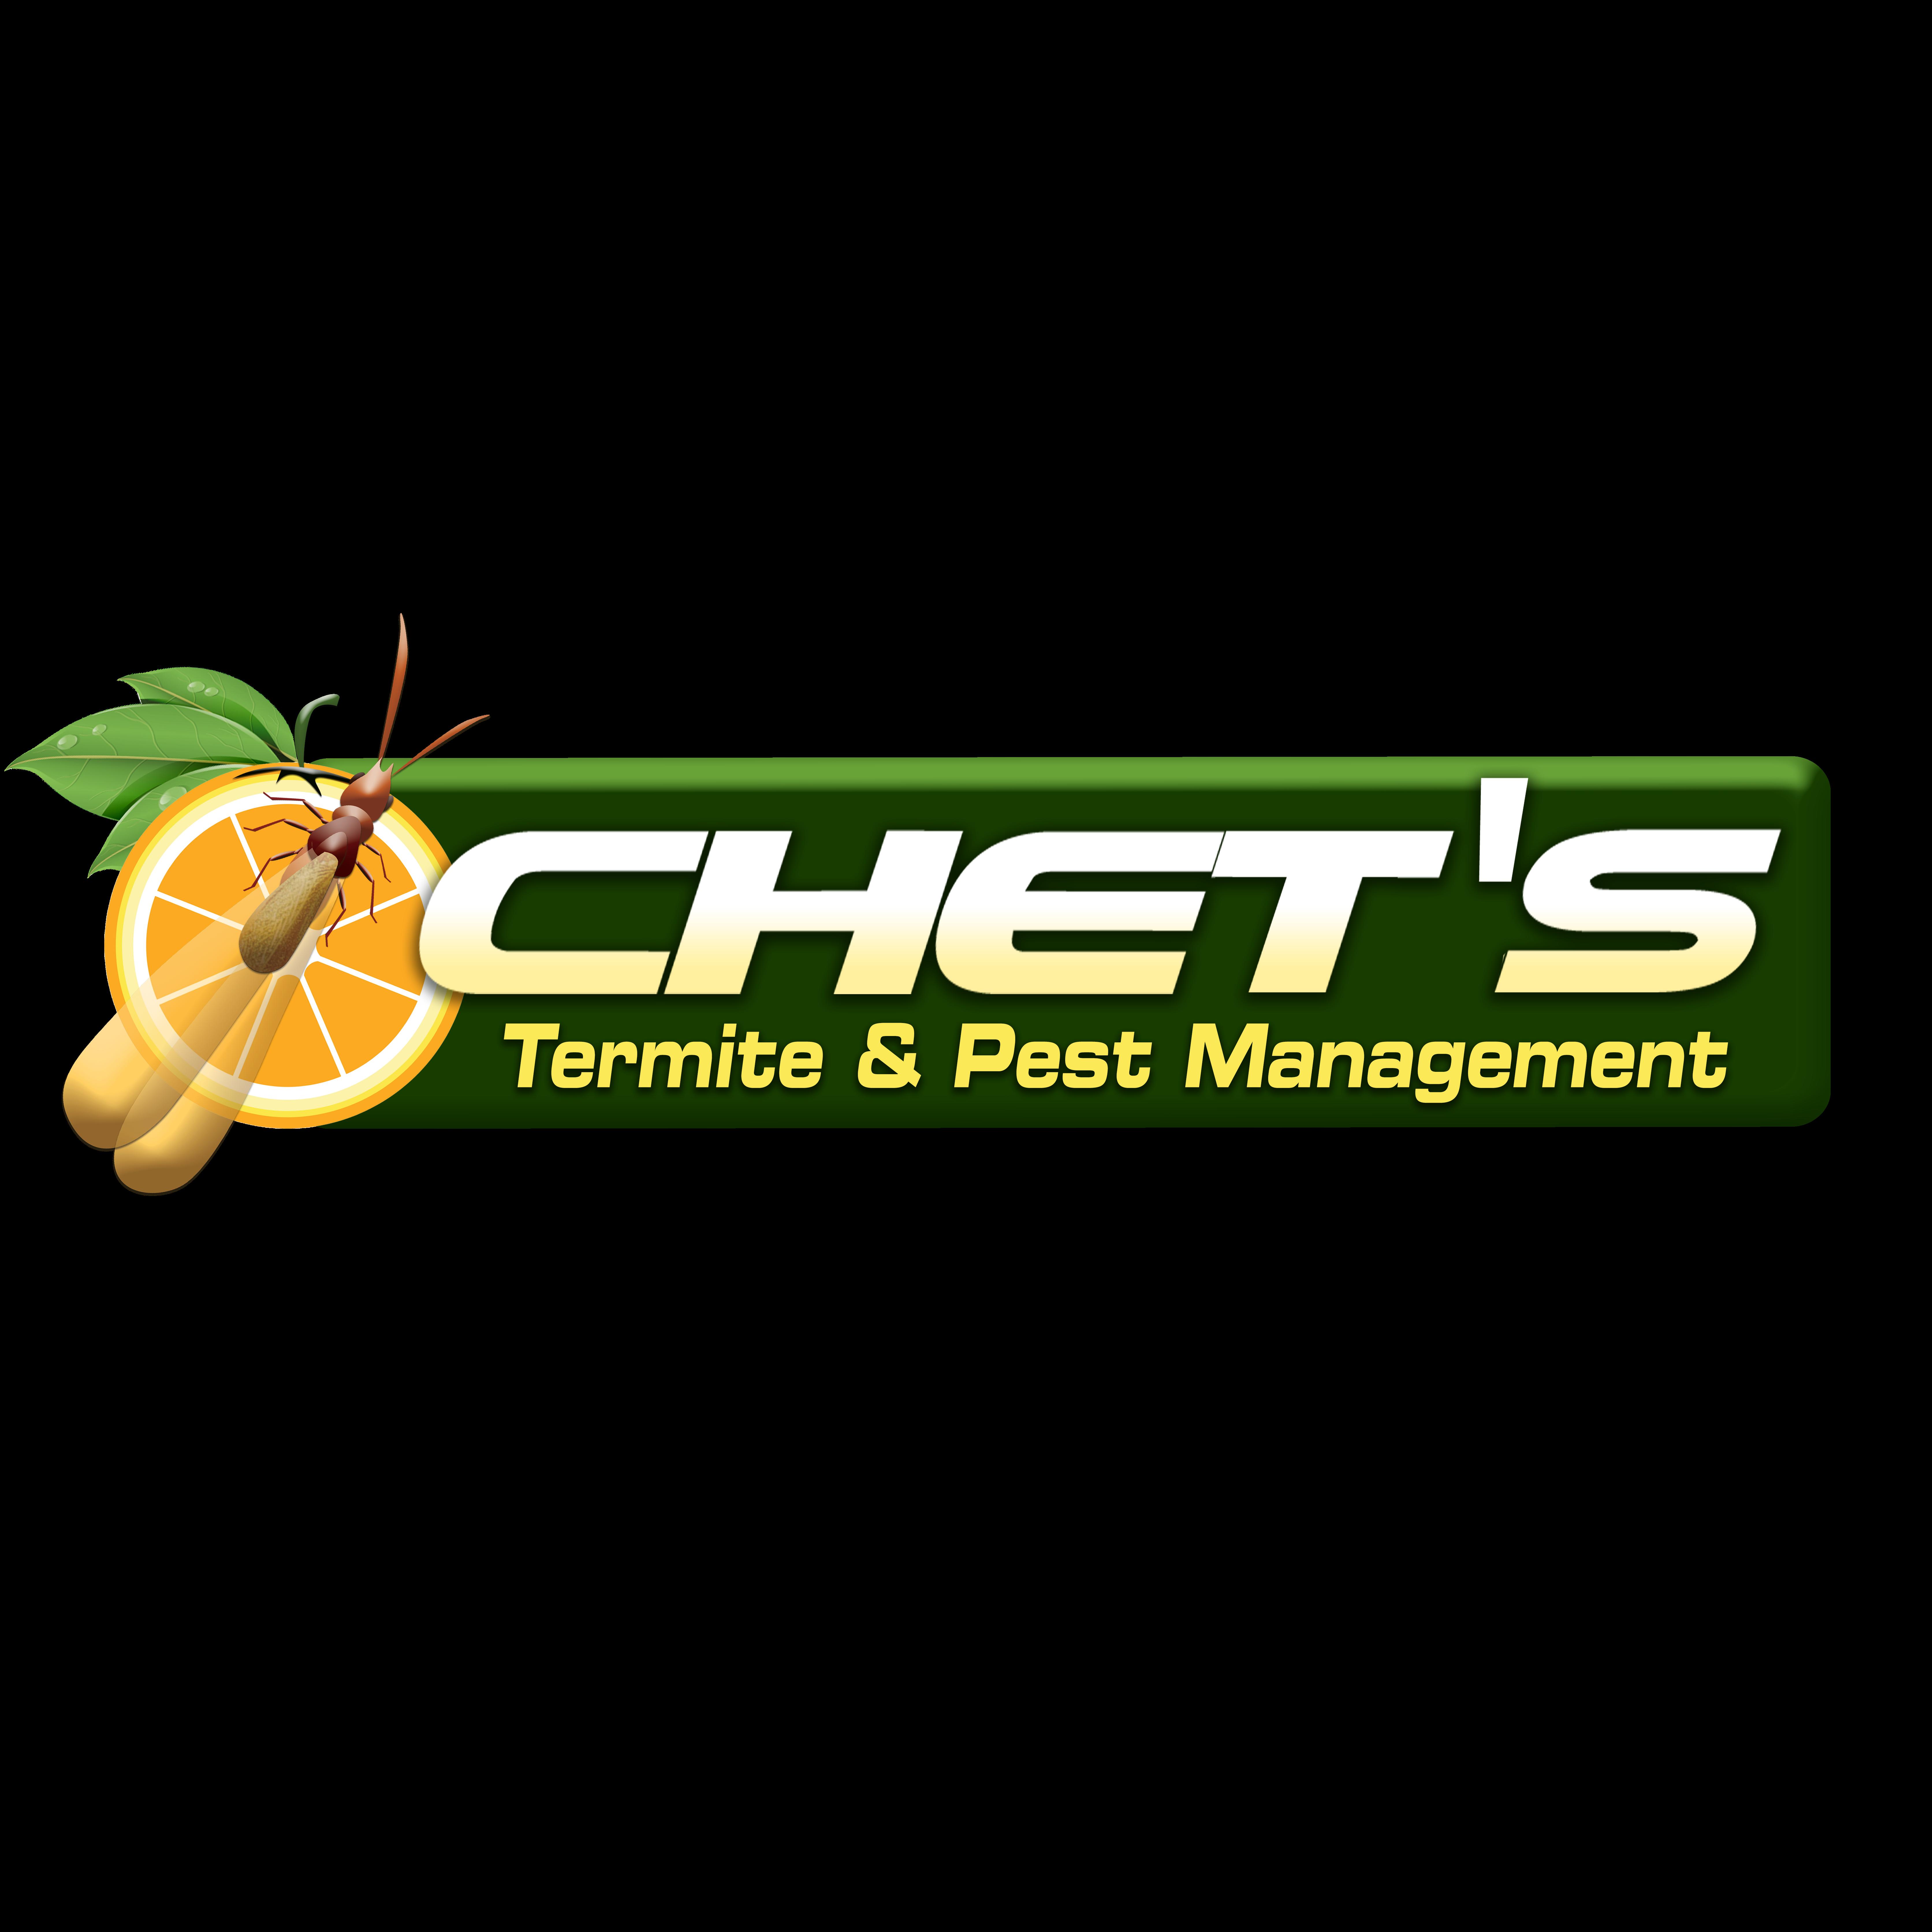 Chet's Termite & Pest Management, Inc. - Tampa, FL - Pest & Animal Control